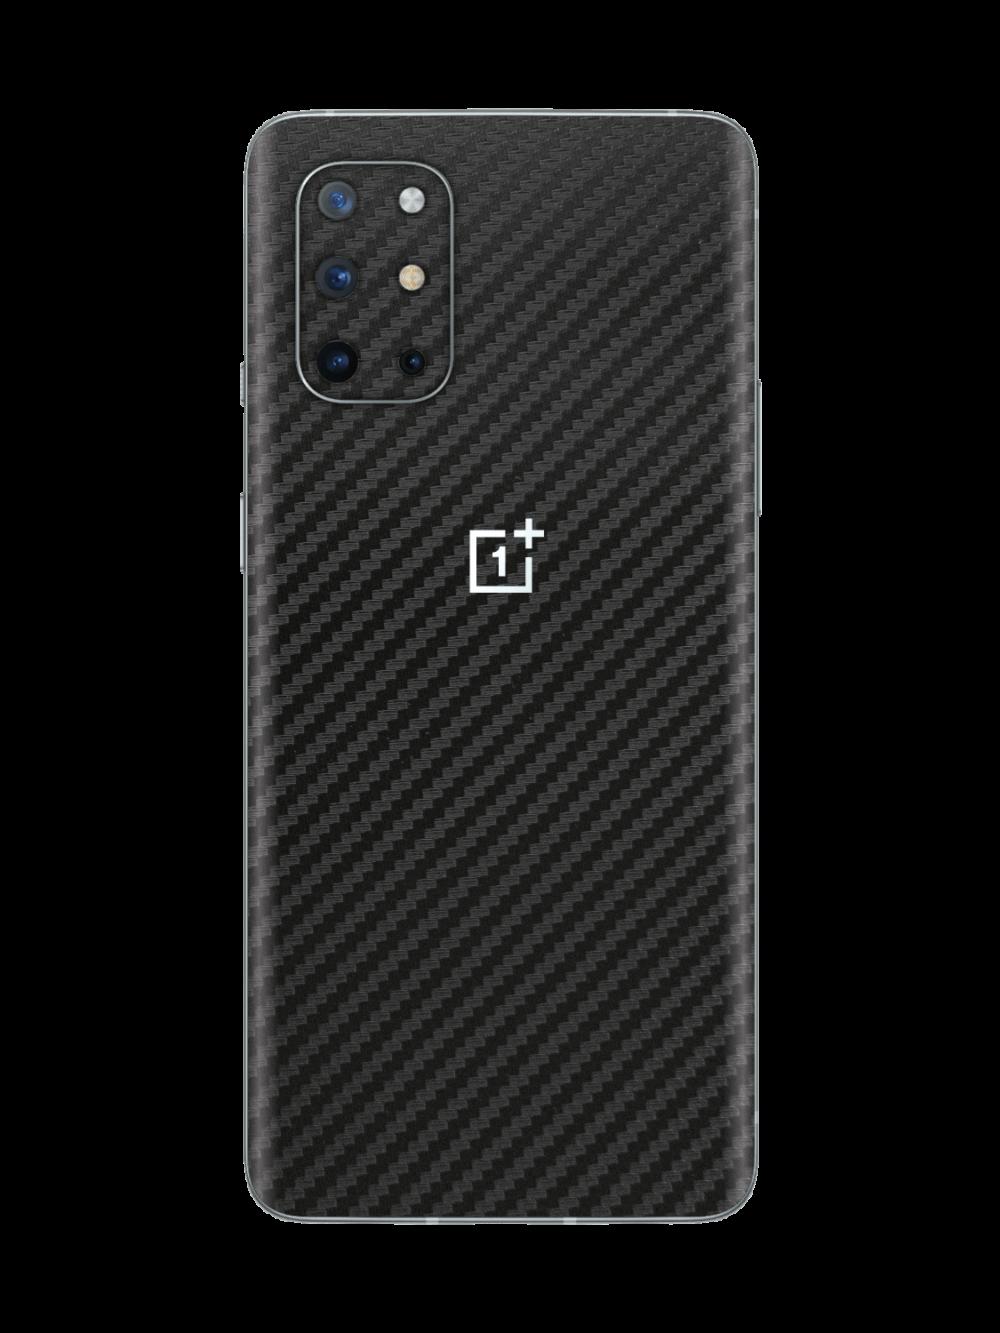 3D Carbon Fibre Skin for OnePlus 8T